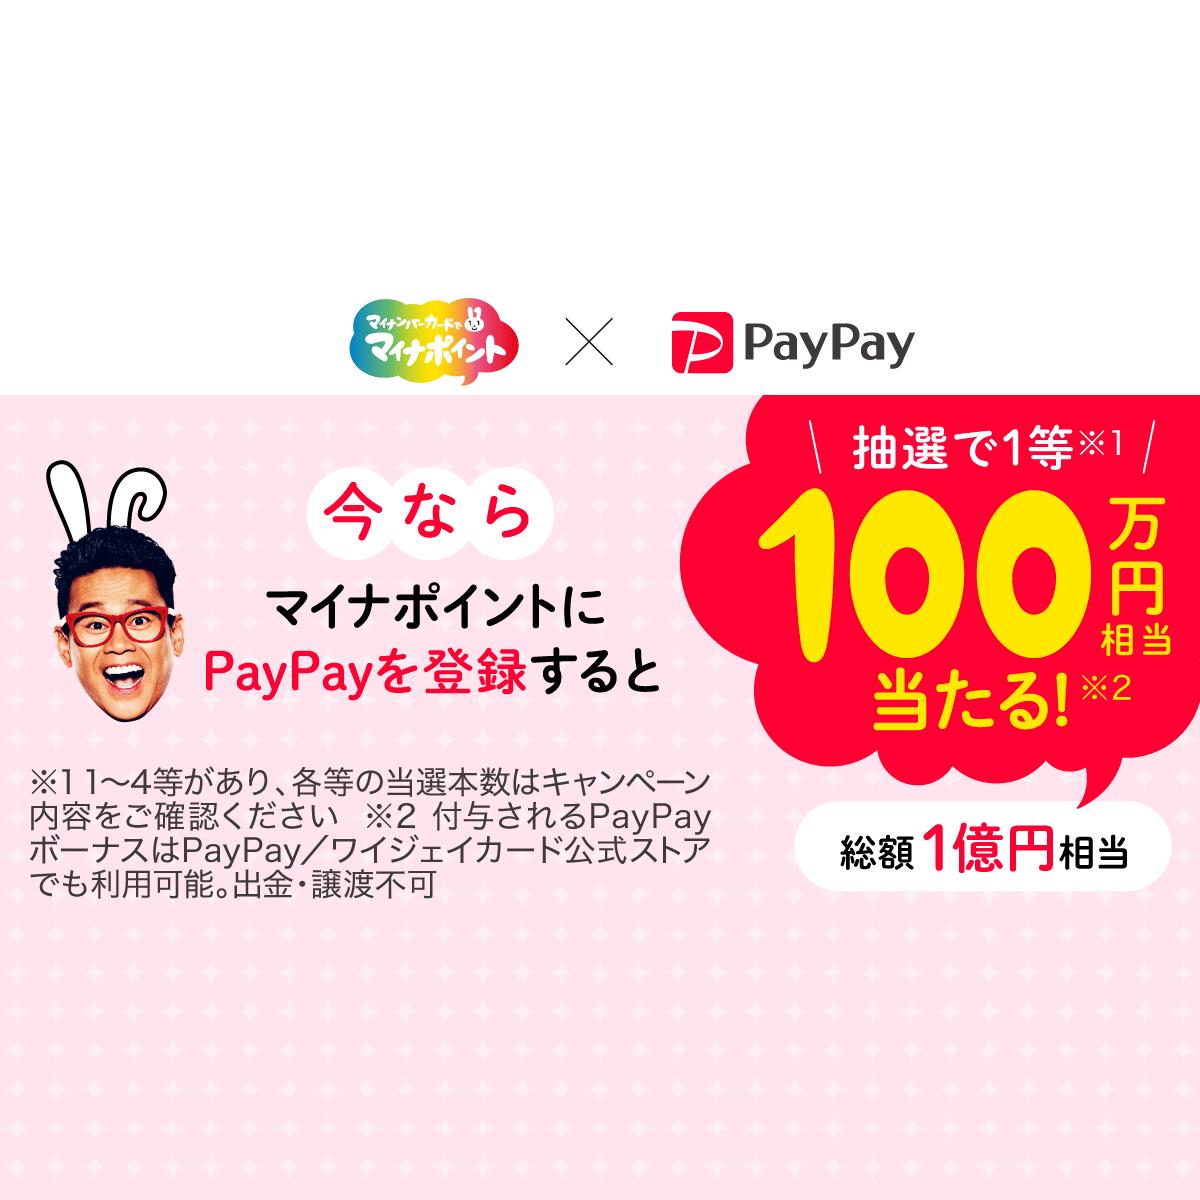 マイナポイントペイペイジャンボ - PayPay